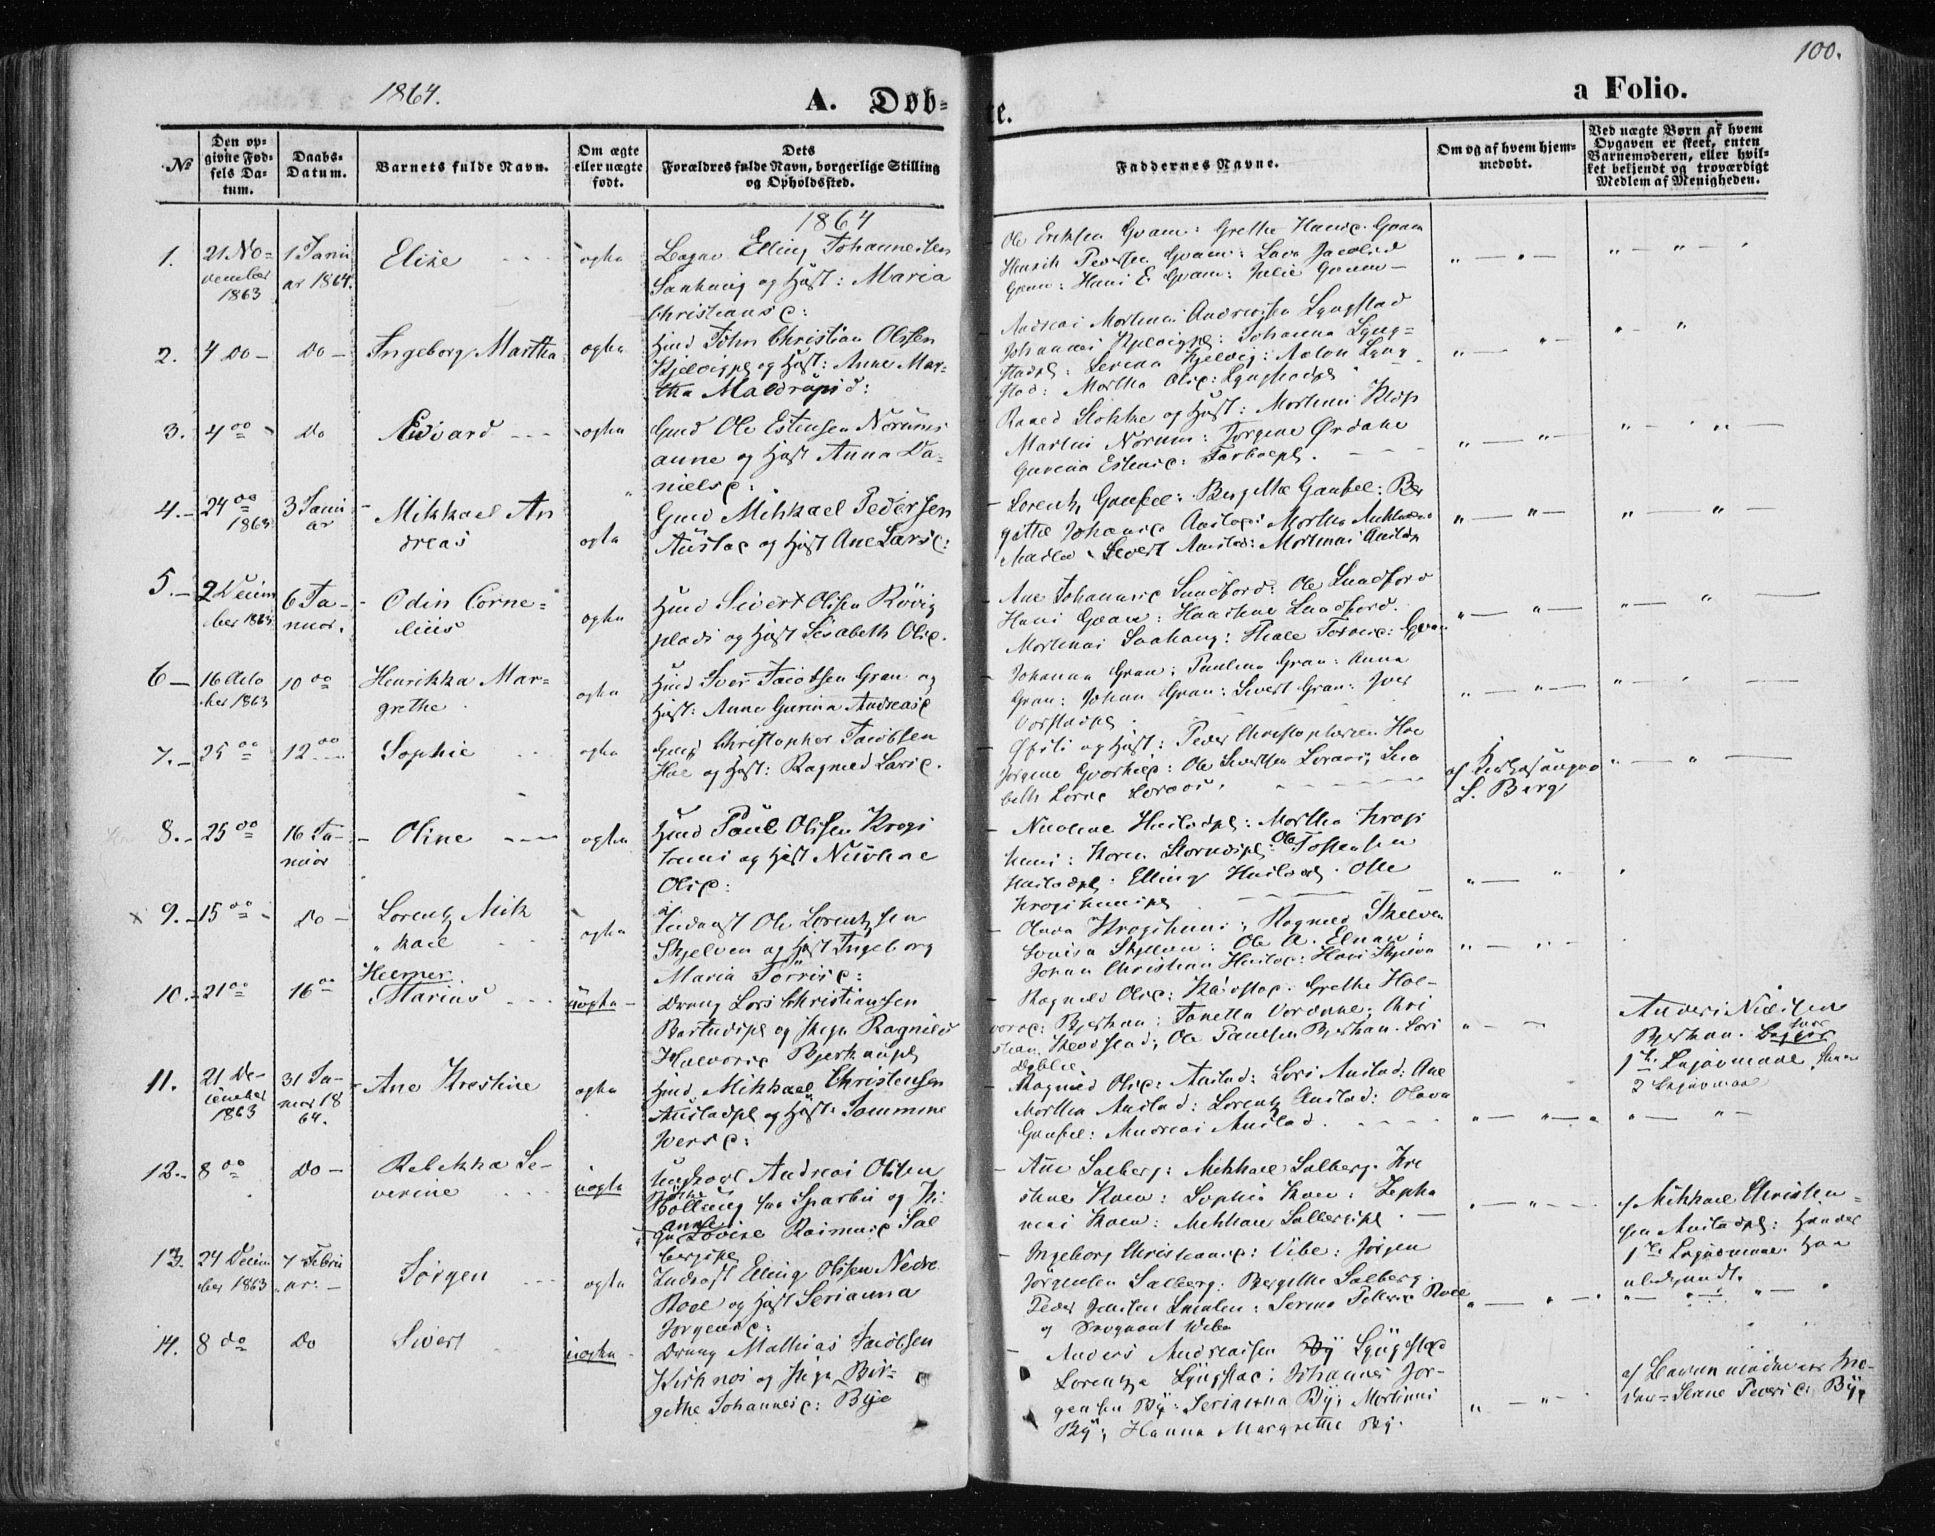 SAT, Ministerialprotokoller, klokkerbøker og fødselsregistre - Nord-Trøndelag, 730/L0283: Ministerialbok nr. 730A08, 1855-1865, s. 100